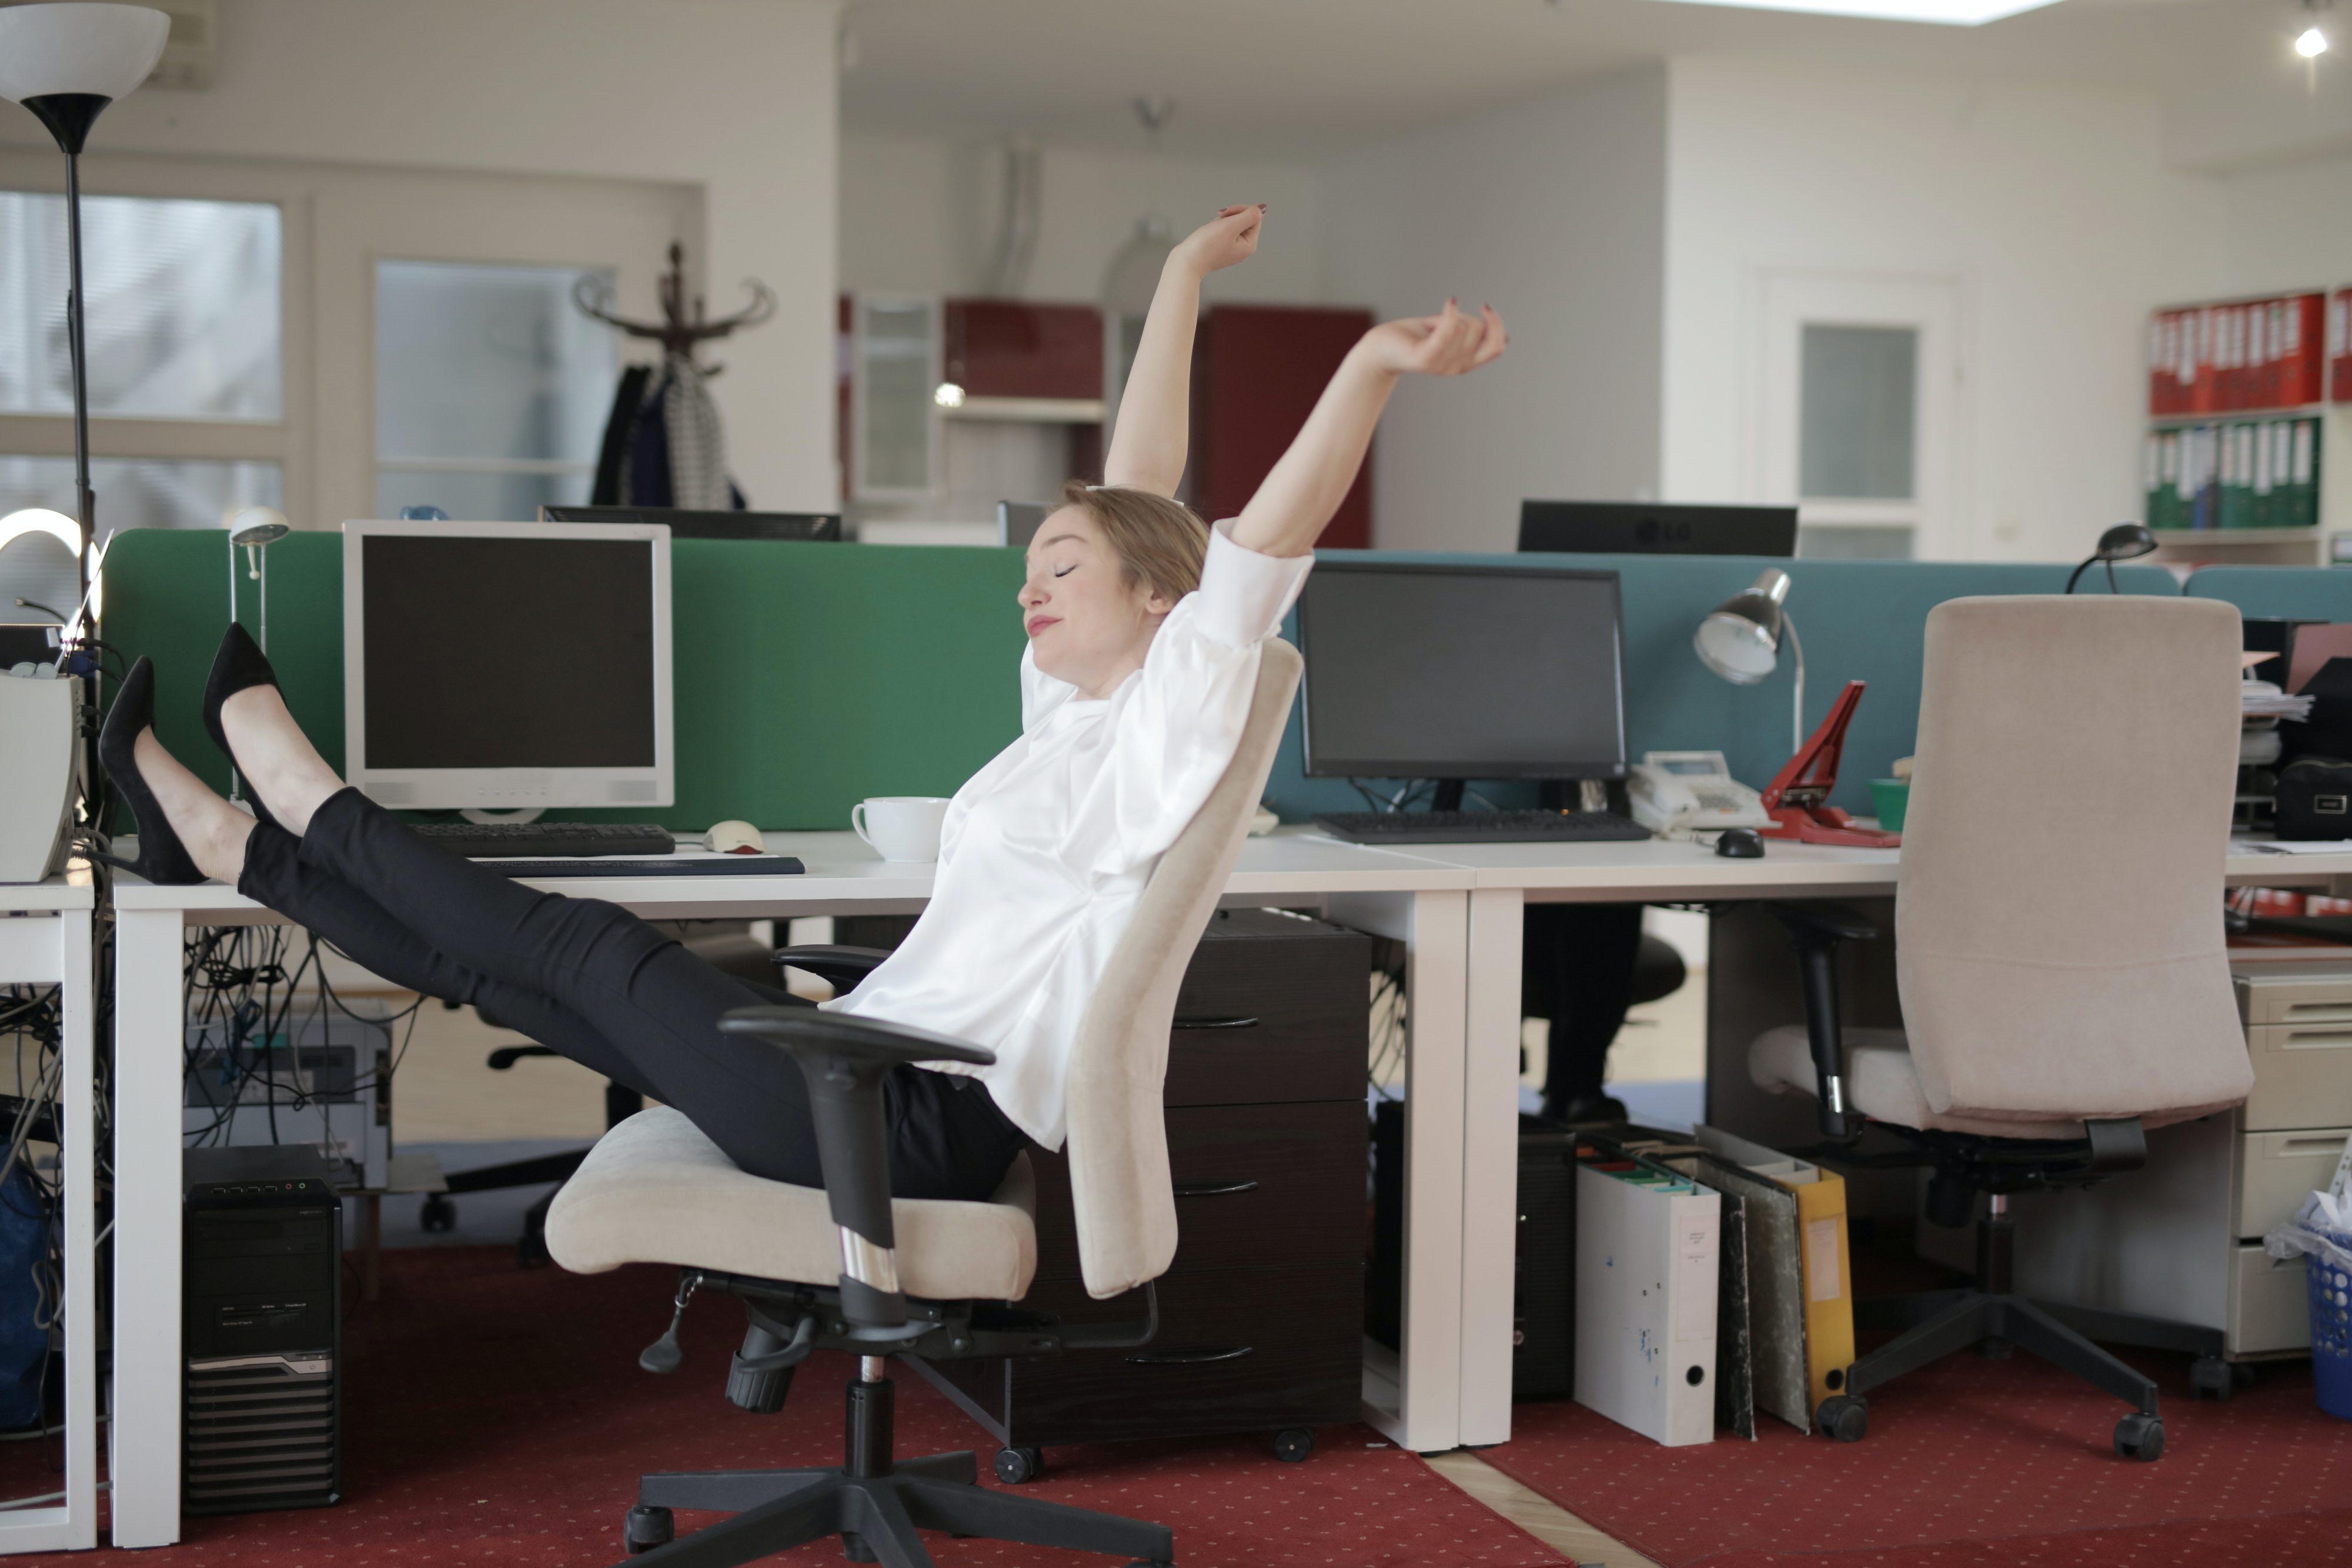 Impact du bien-être au travail - Définition du bien-être en milieu professionnel